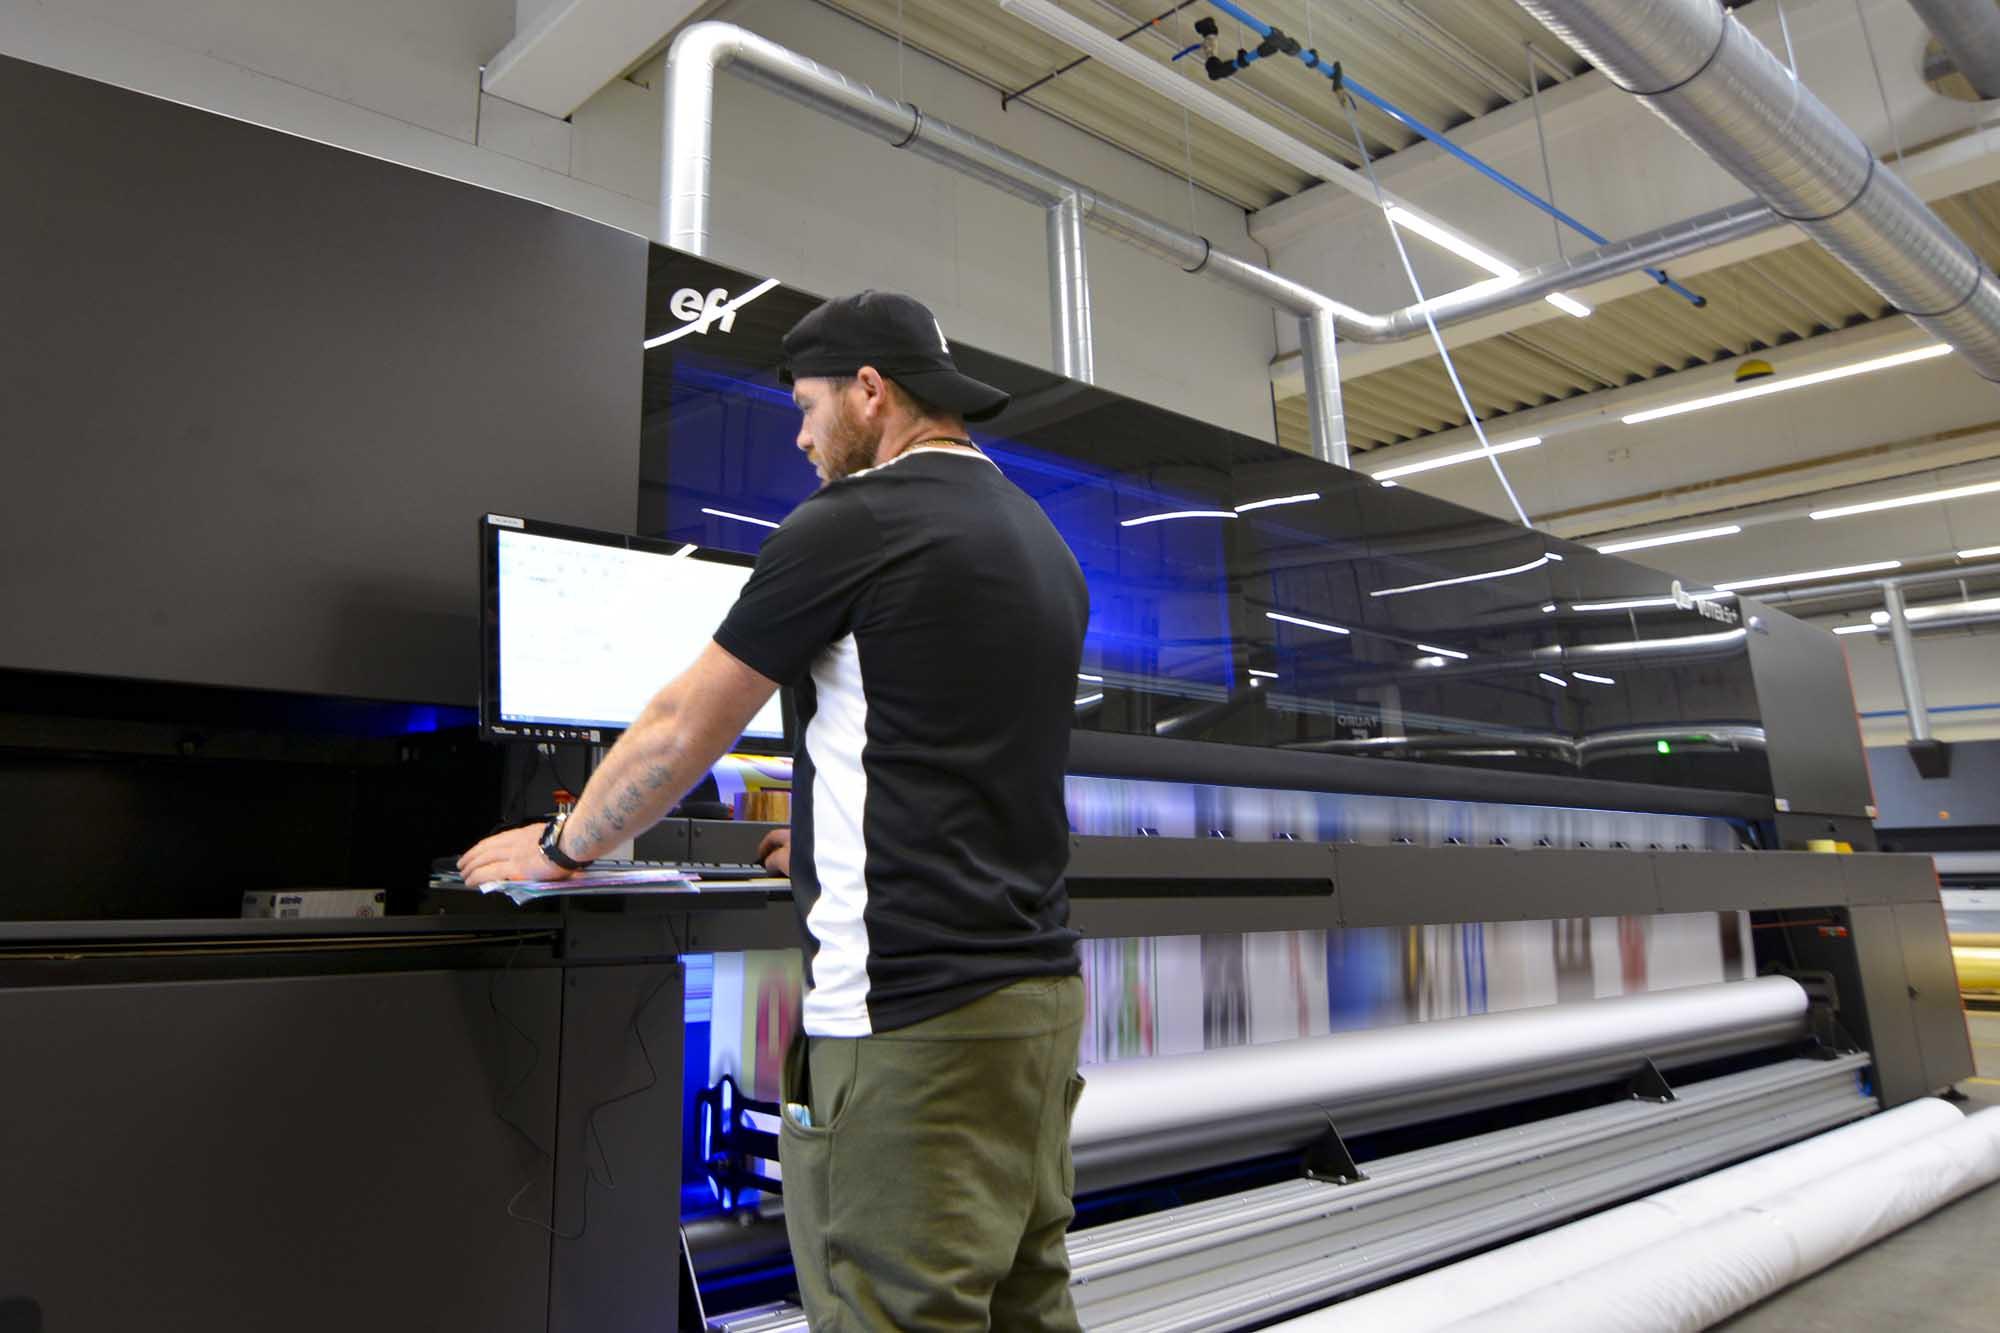 Mann steht vor einer großen Druckmaschine